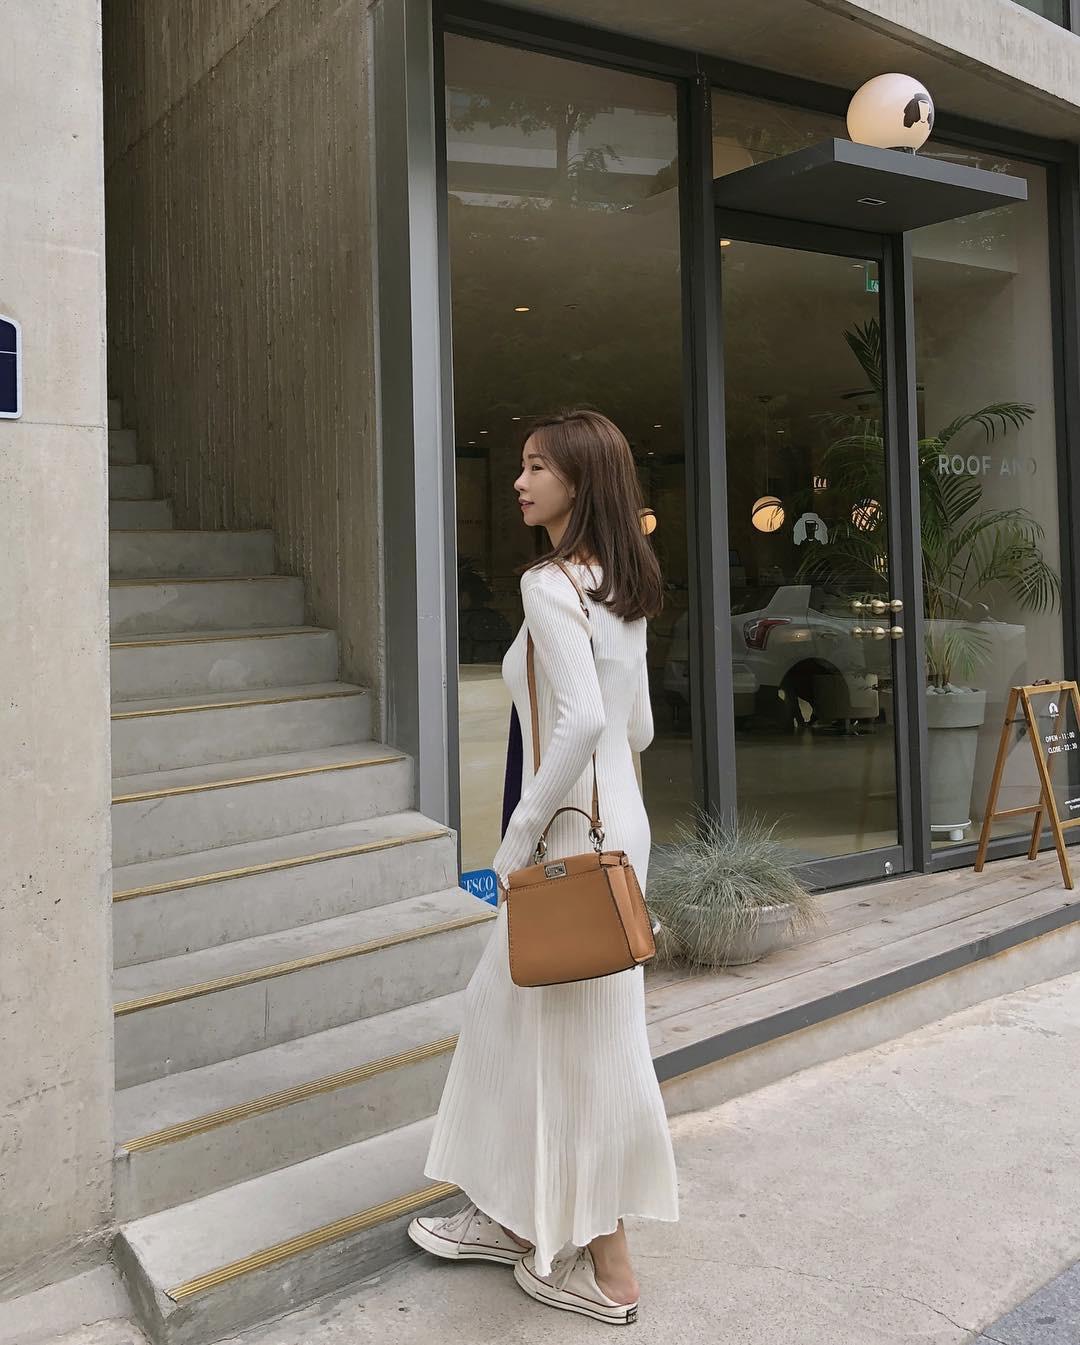 Váy dệt kim – chiếc váy mềm mại, đầy quyến rũ mà các nàng không thể làm ngơ trong những ngày trời se lạnh - 4